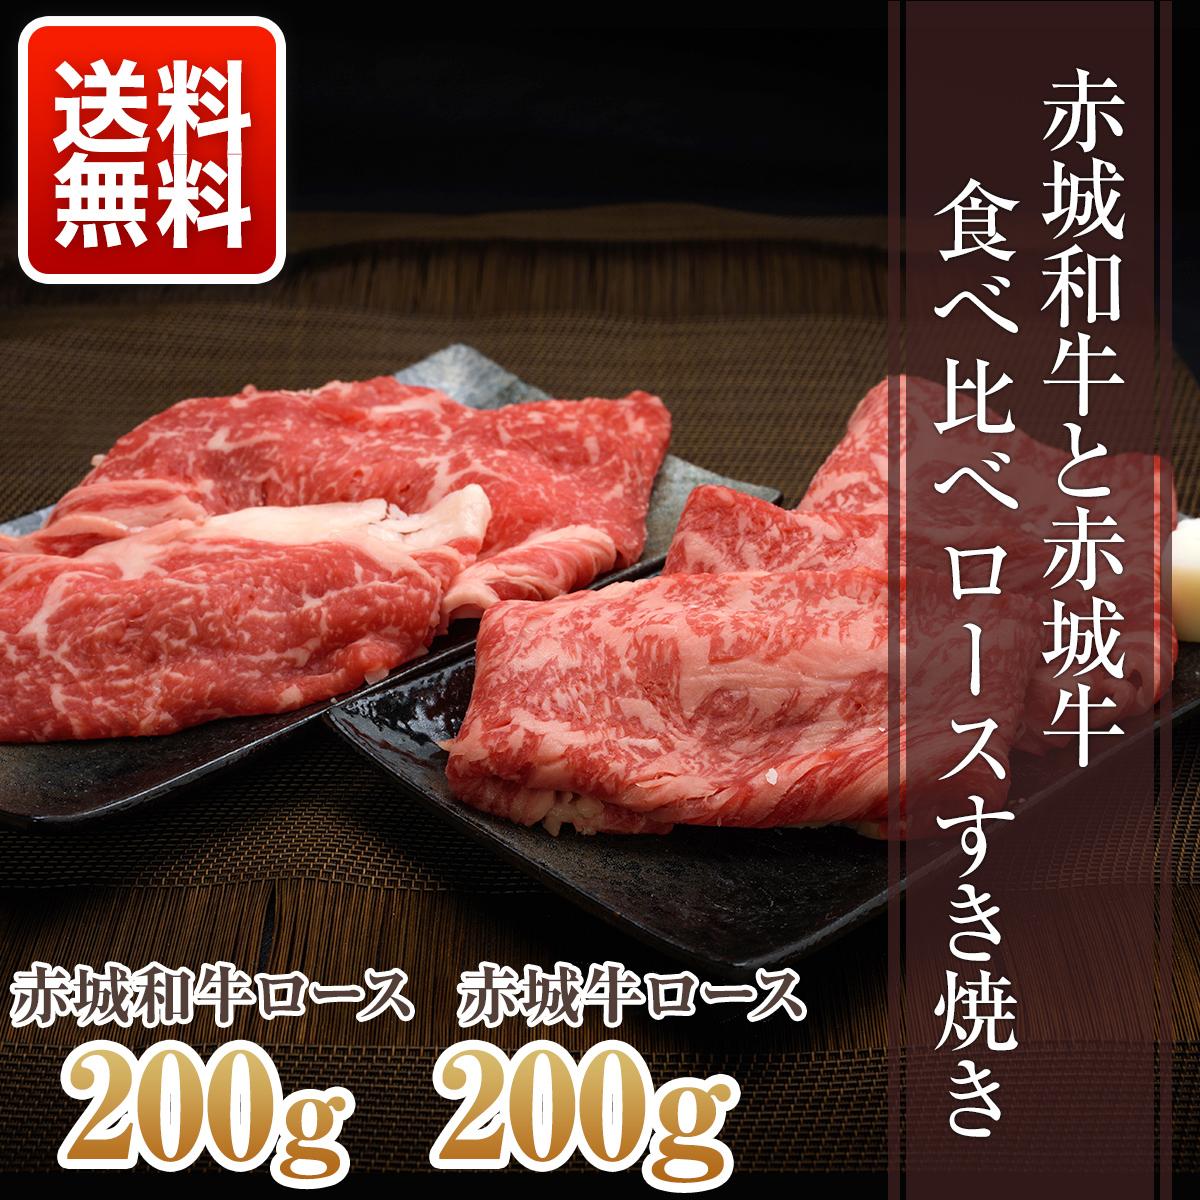 赤城和牛と赤城牛 食べ比べ ロースすき焼き